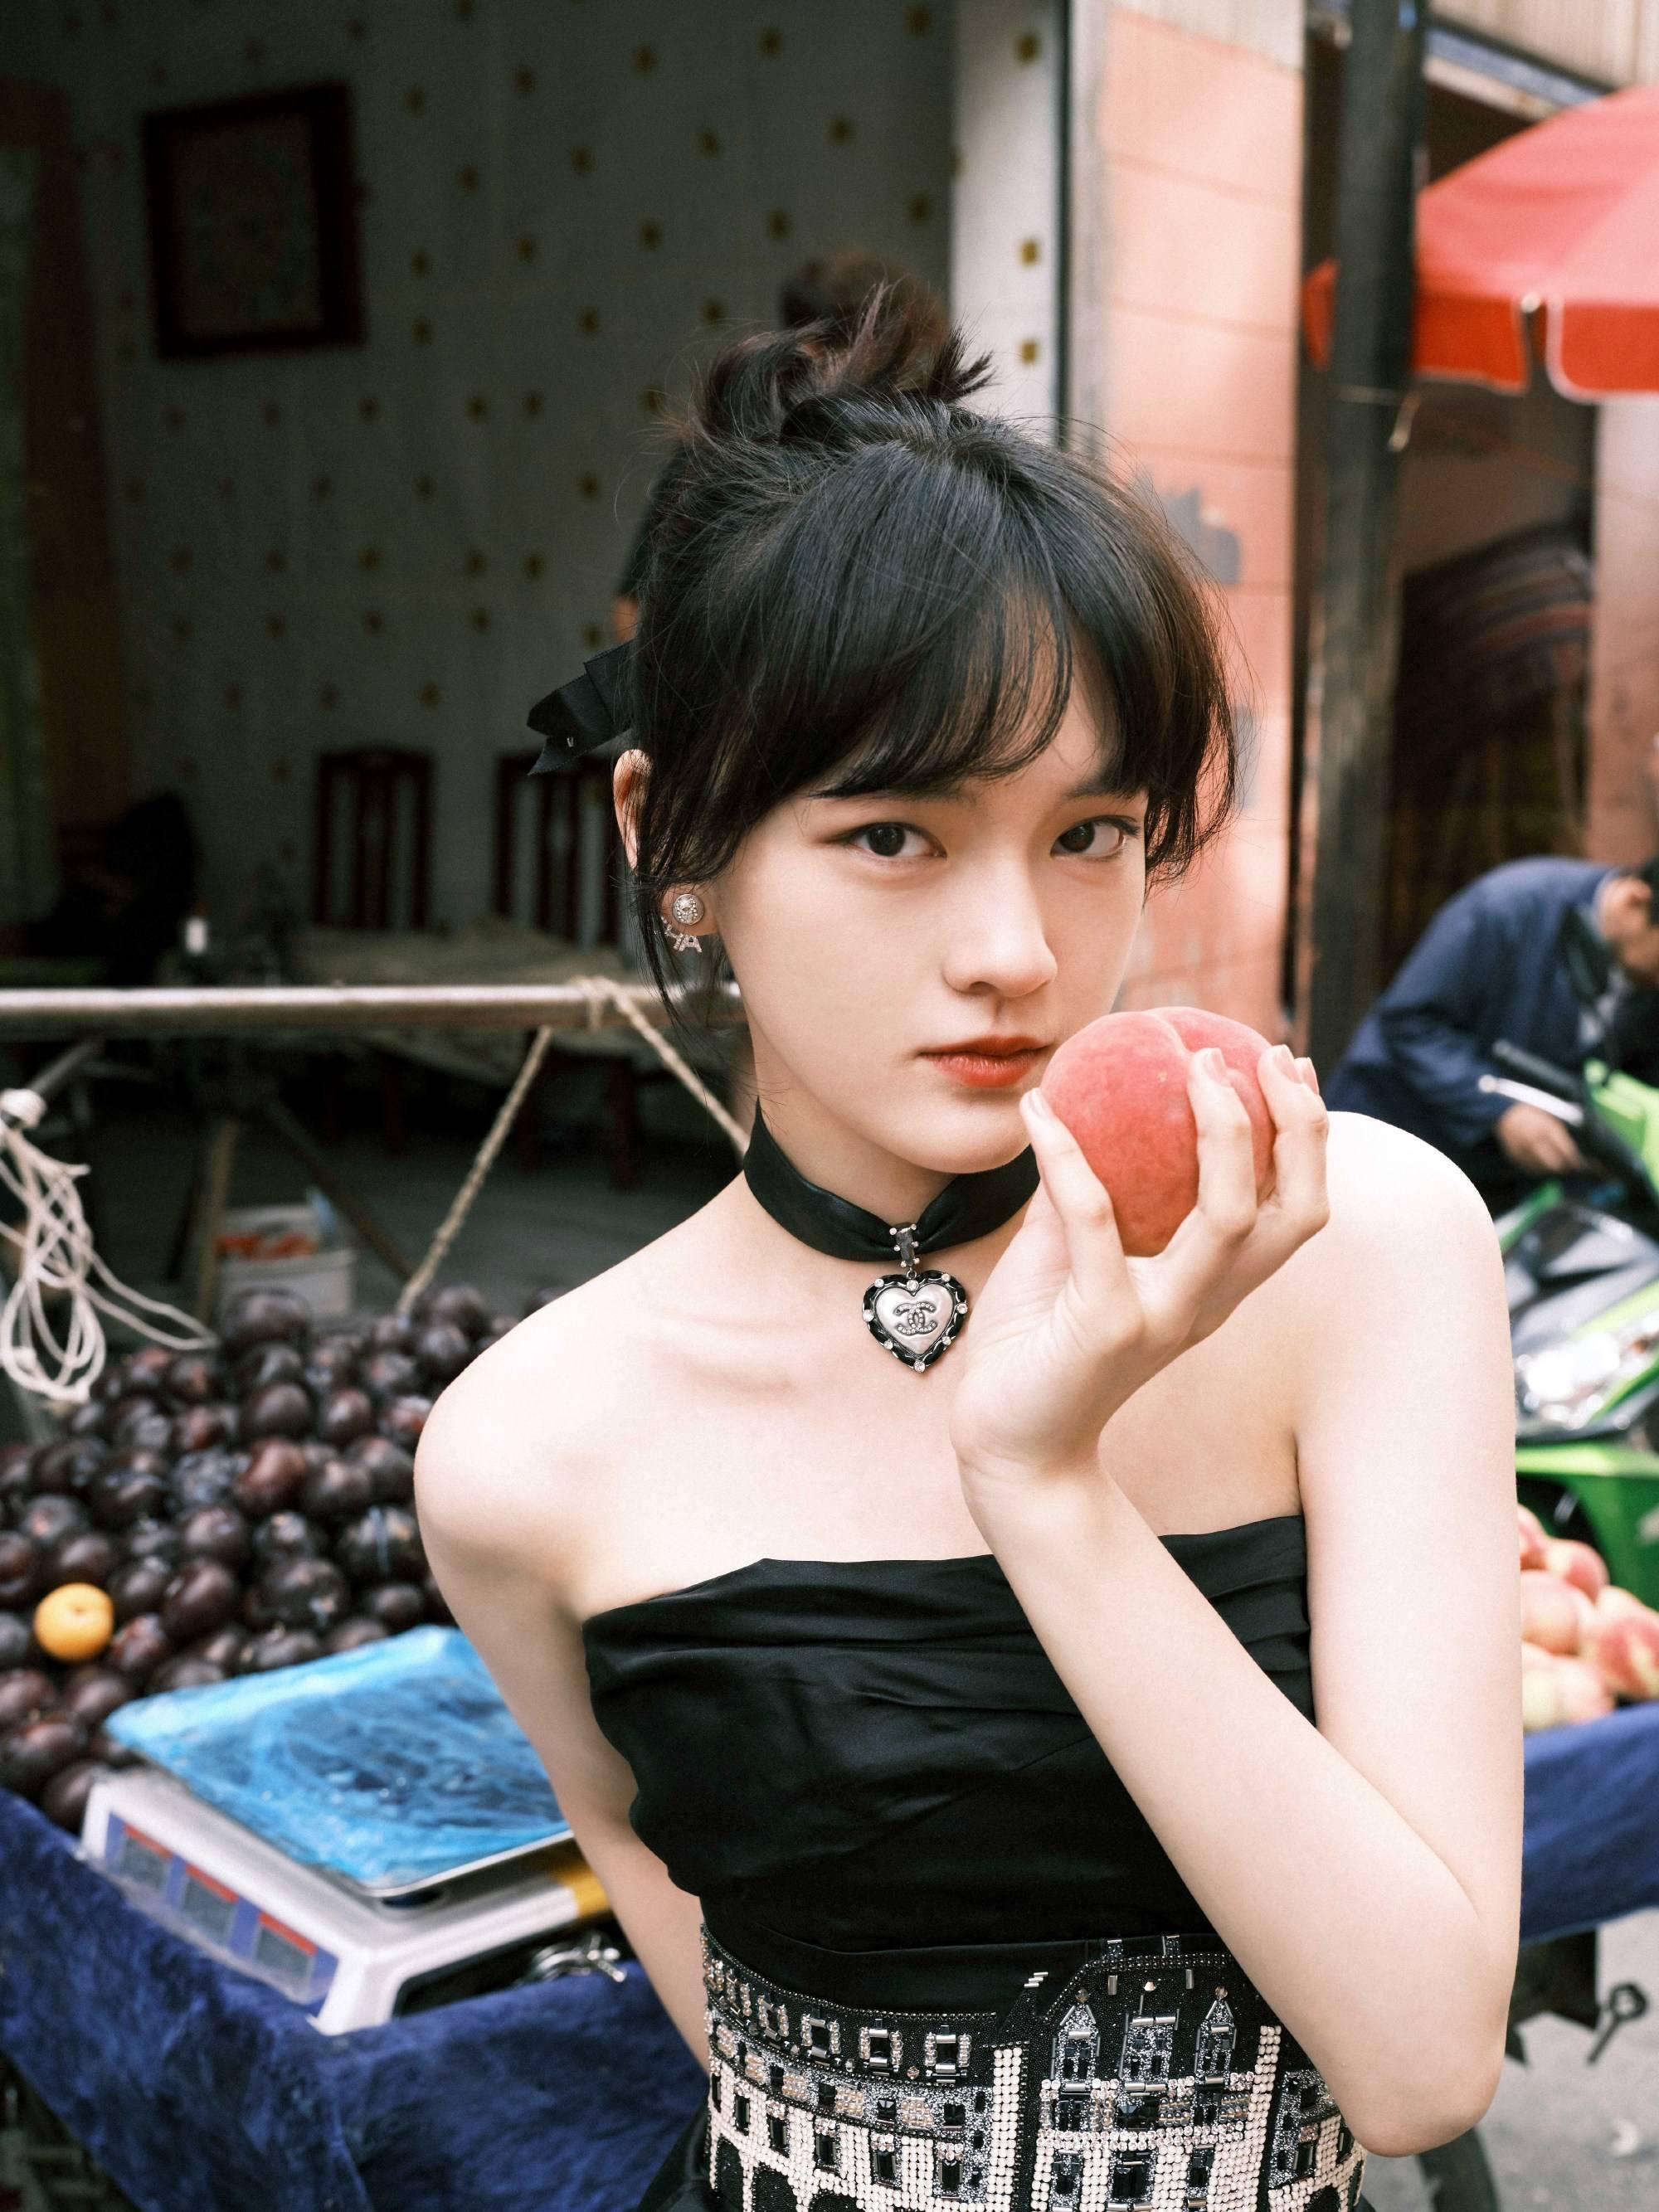 文淇穿黑色礼裙 挑雪糕买桃子悠闲惬意